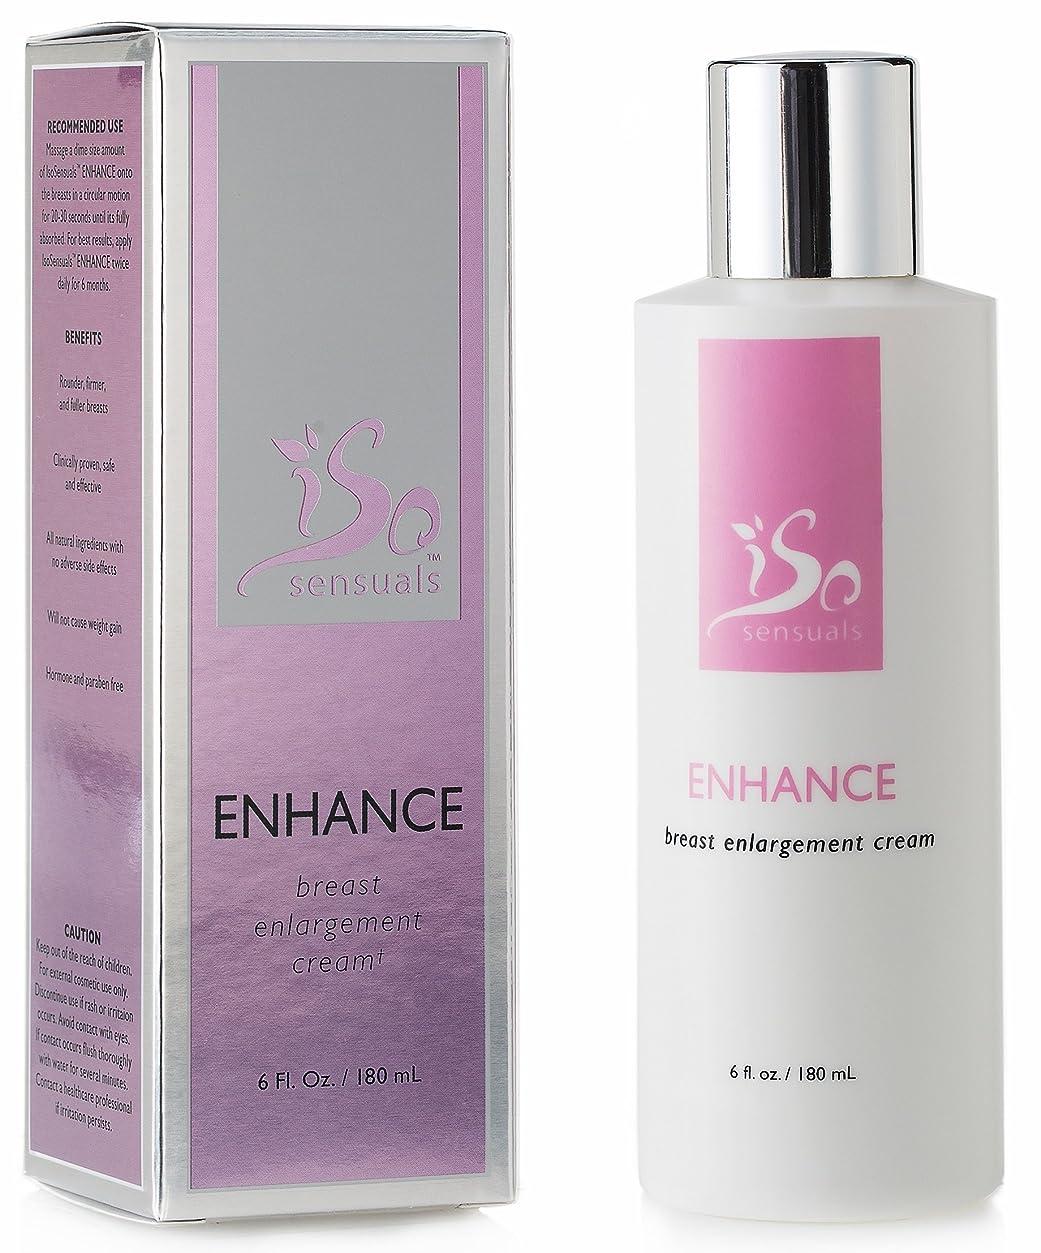 海岸スリッパ無駄なIsoSensuals ENHANCE - Breast Enlargement Cream - 1 Bottle